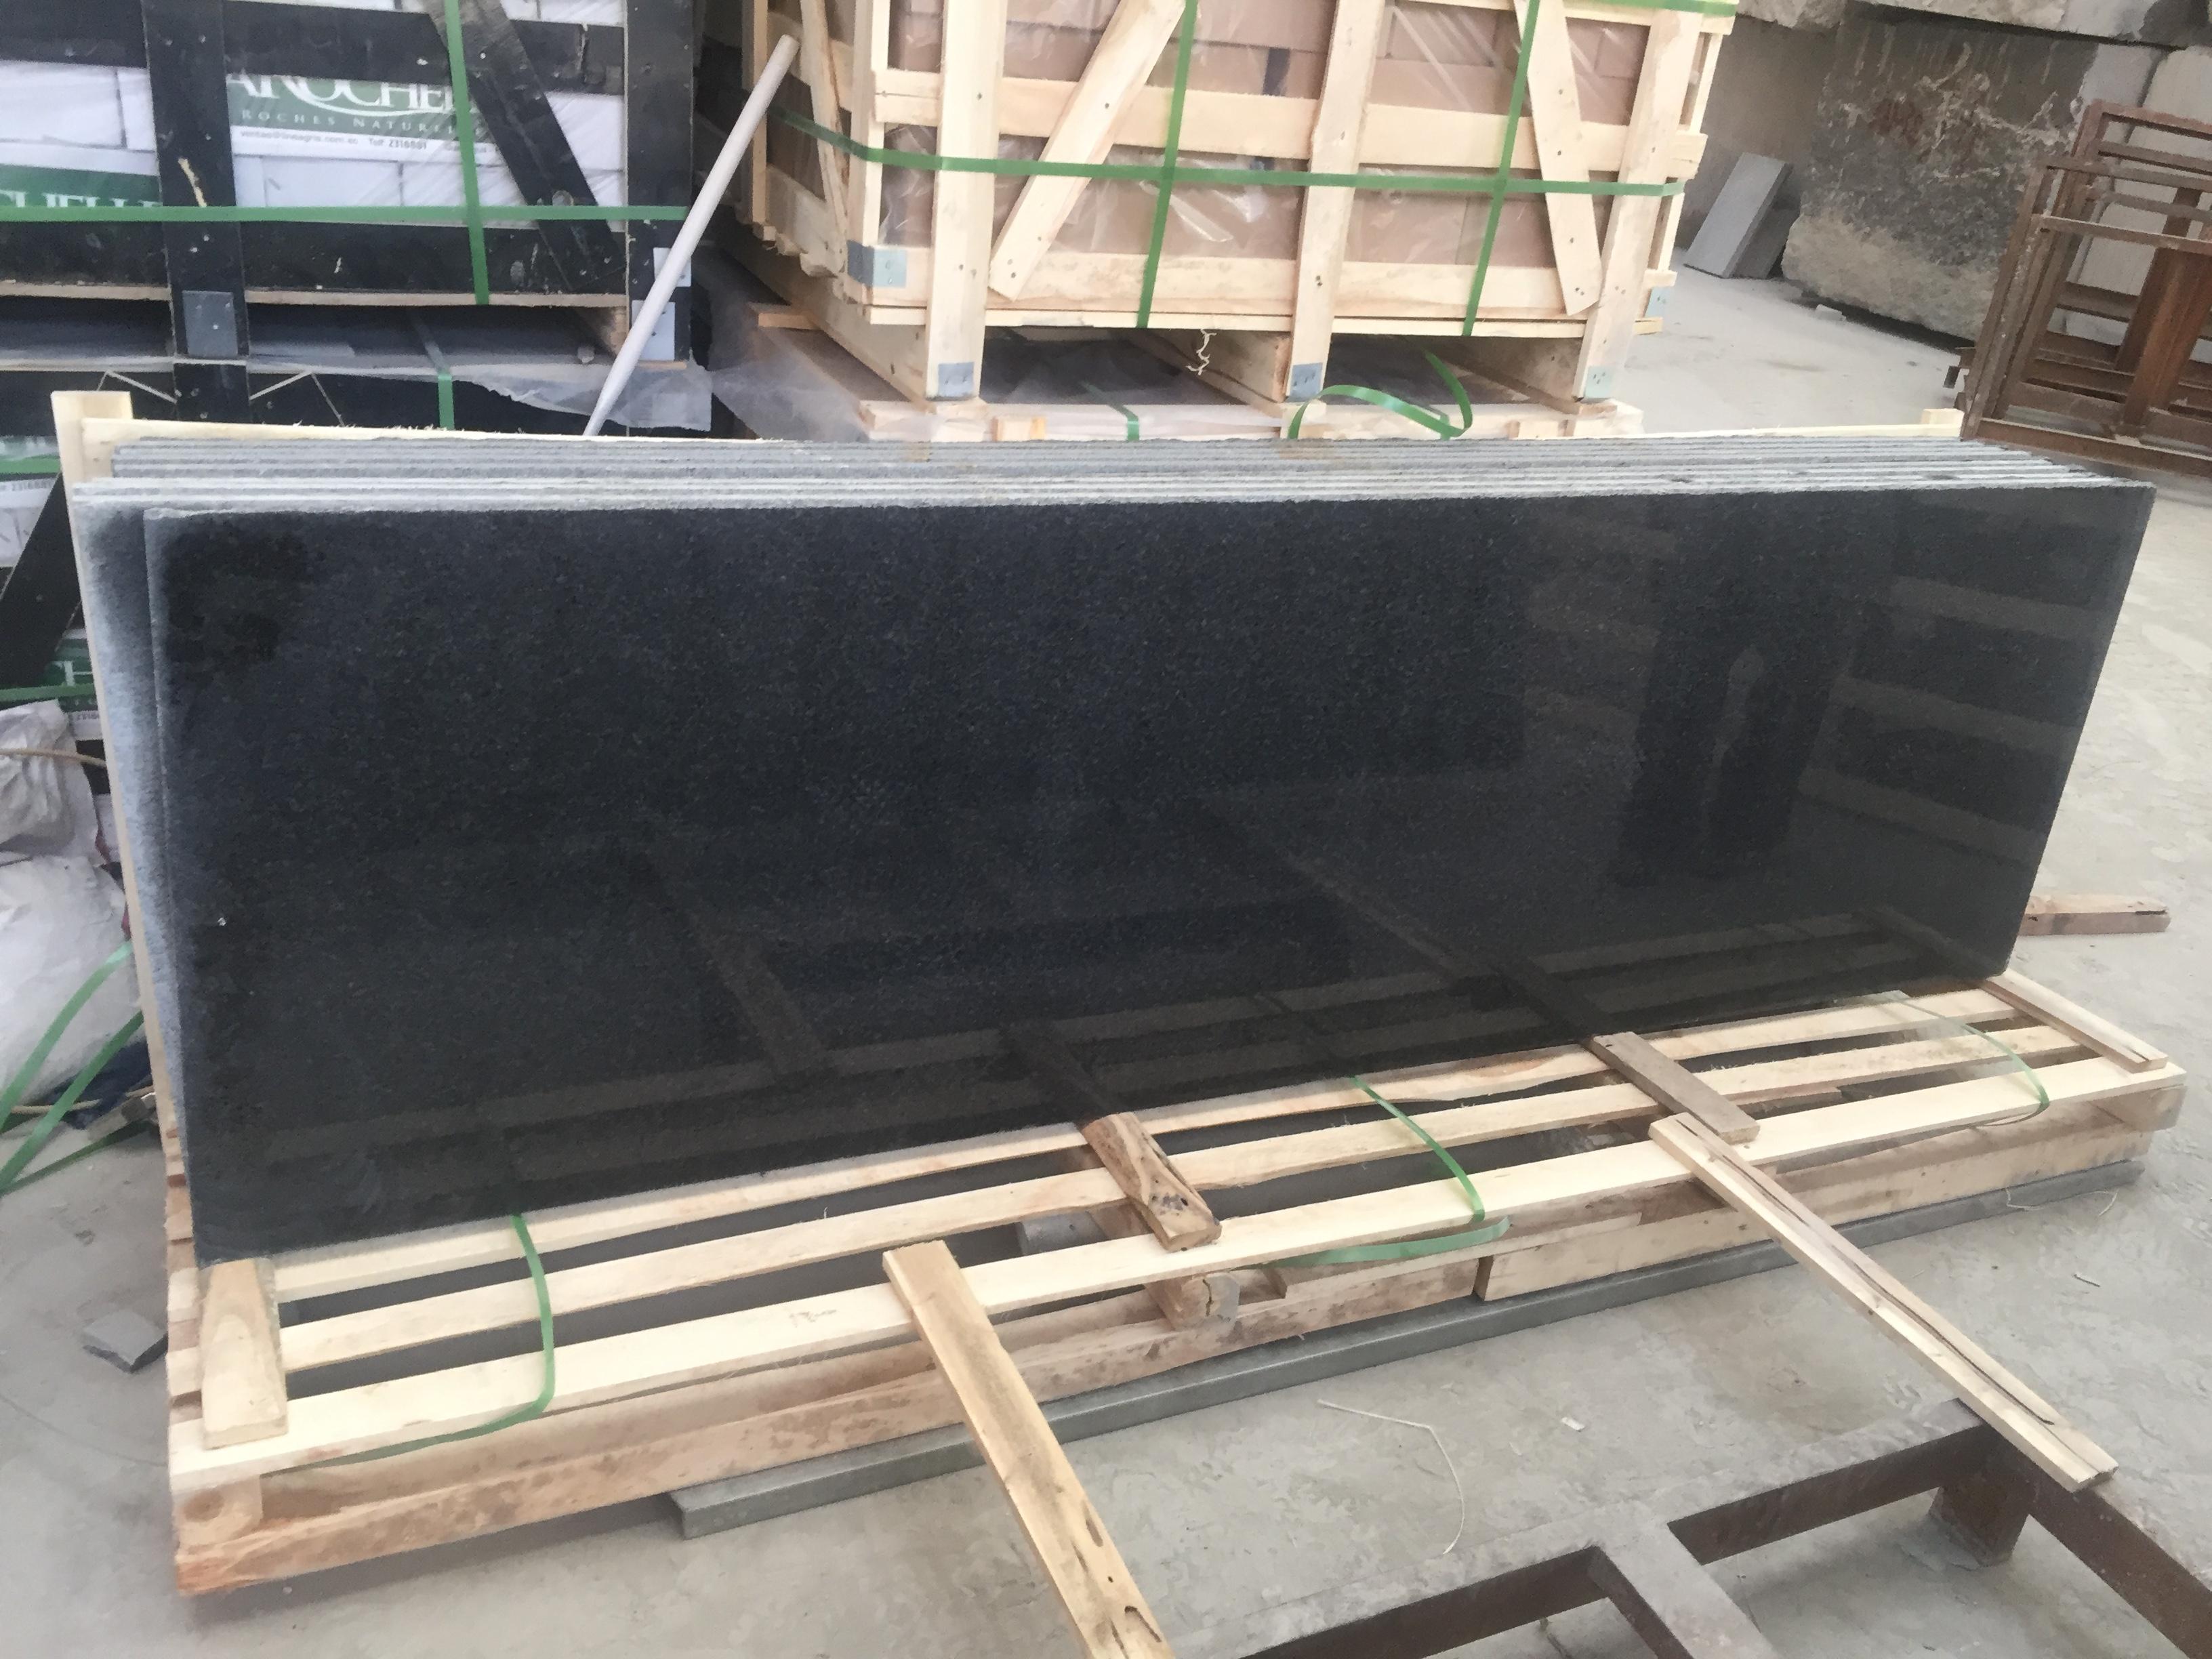 易县黑花岗石板出口 超大尺寸易县黑条板,出口品质